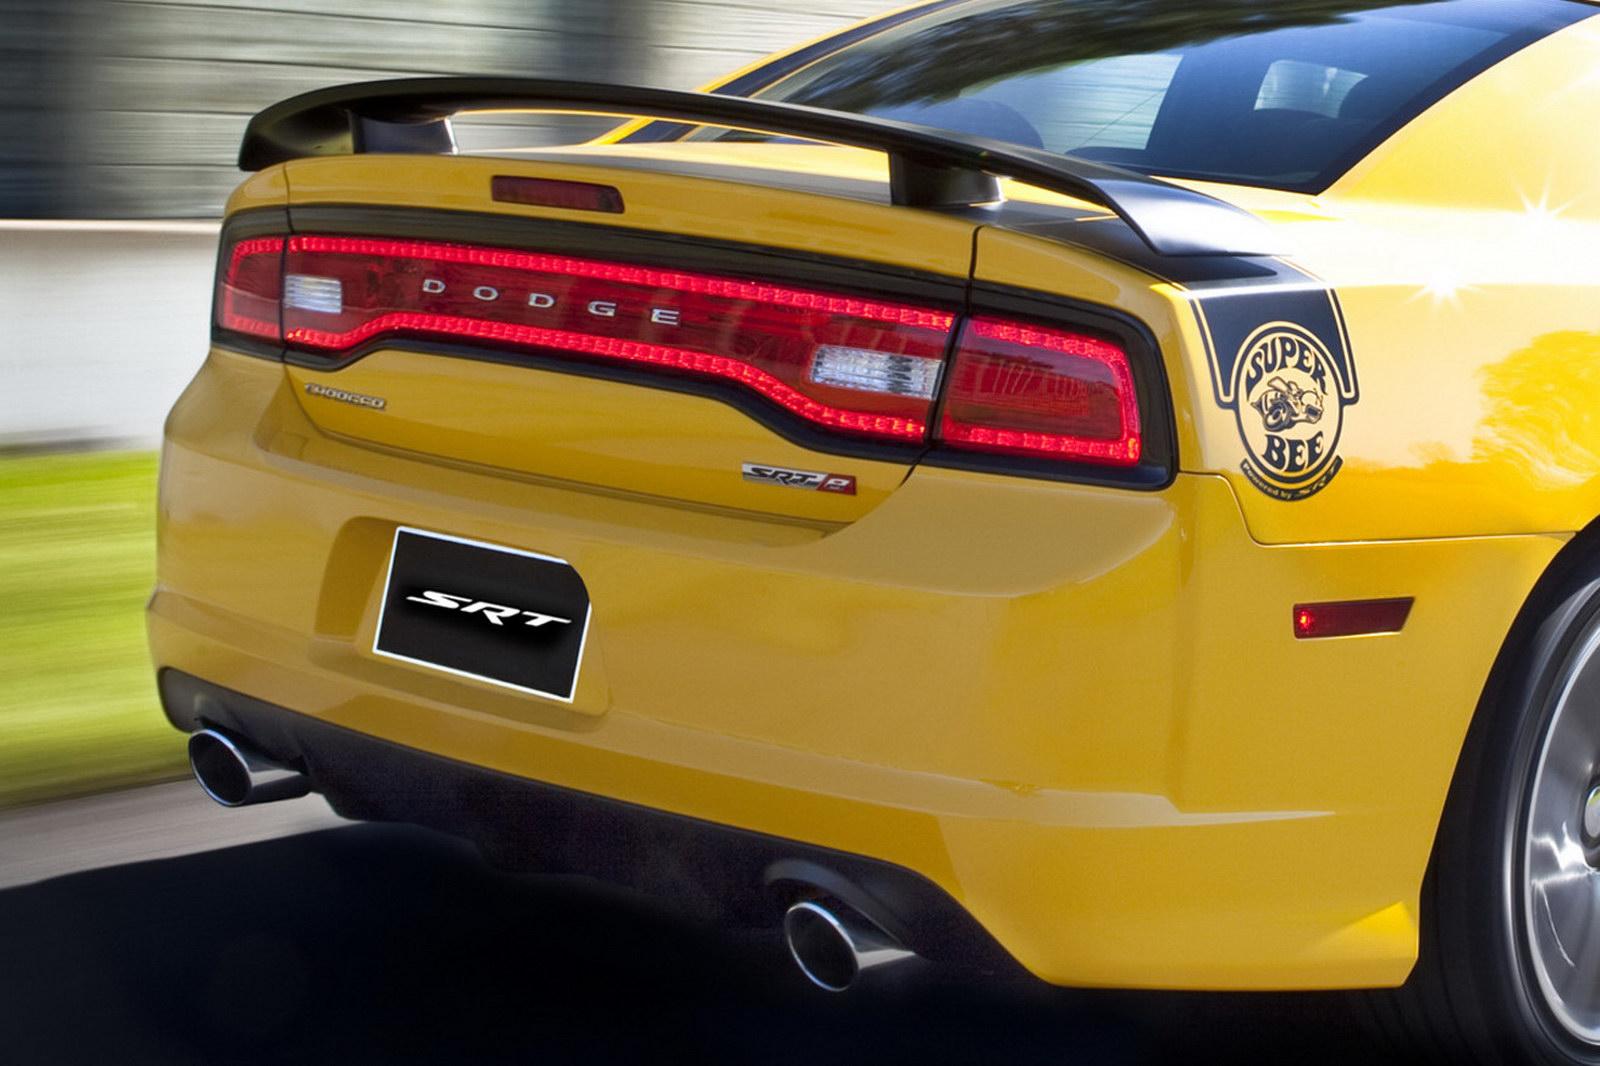 Dodge Charger Srt8 Super Bee 2012